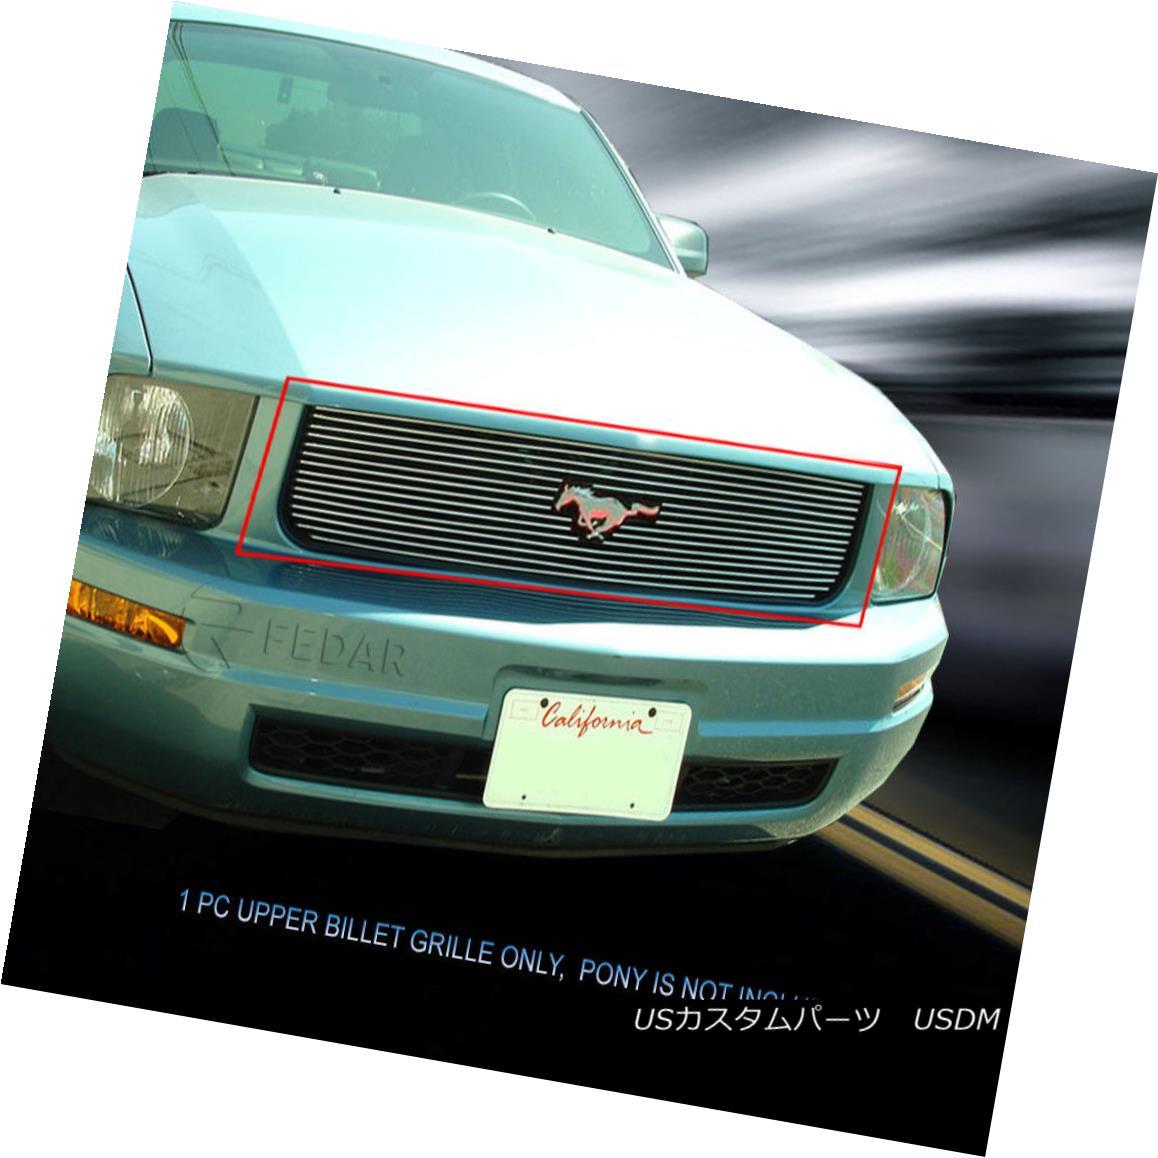 グリル Fedar Fits 2005-2009 Ford Mustang V6 Polished Main Upper Billet Grille Fedarは2005-2009 Ford Mustang V6を研磨しました。メインアッパービレットグリルを研磨しました。